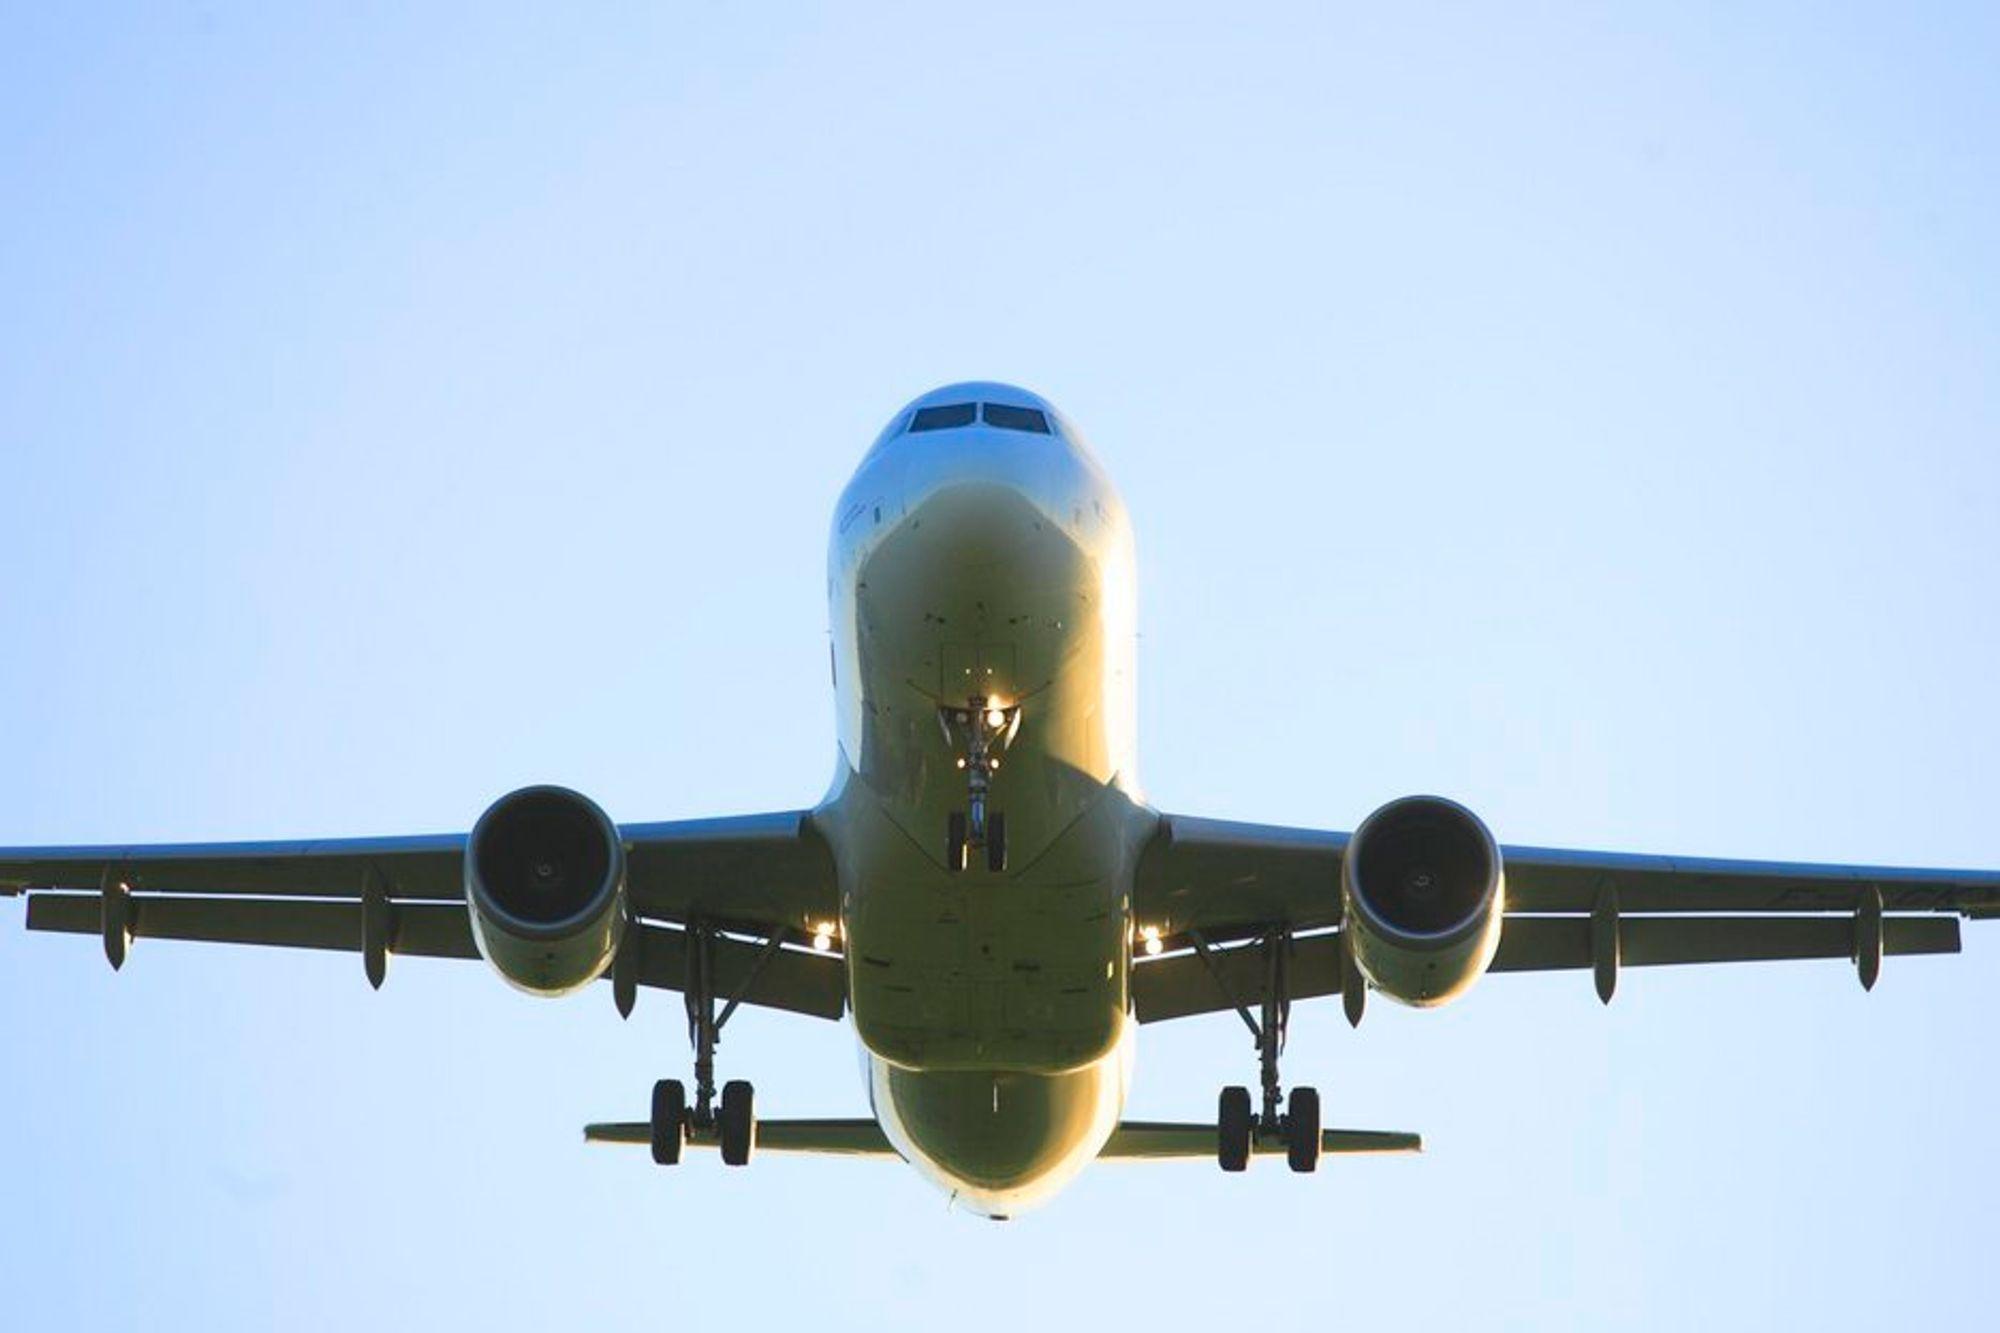 Flyselskaper. Fly. Flyulykker. Flysikkerhet. Samferdsel. Luftfart.